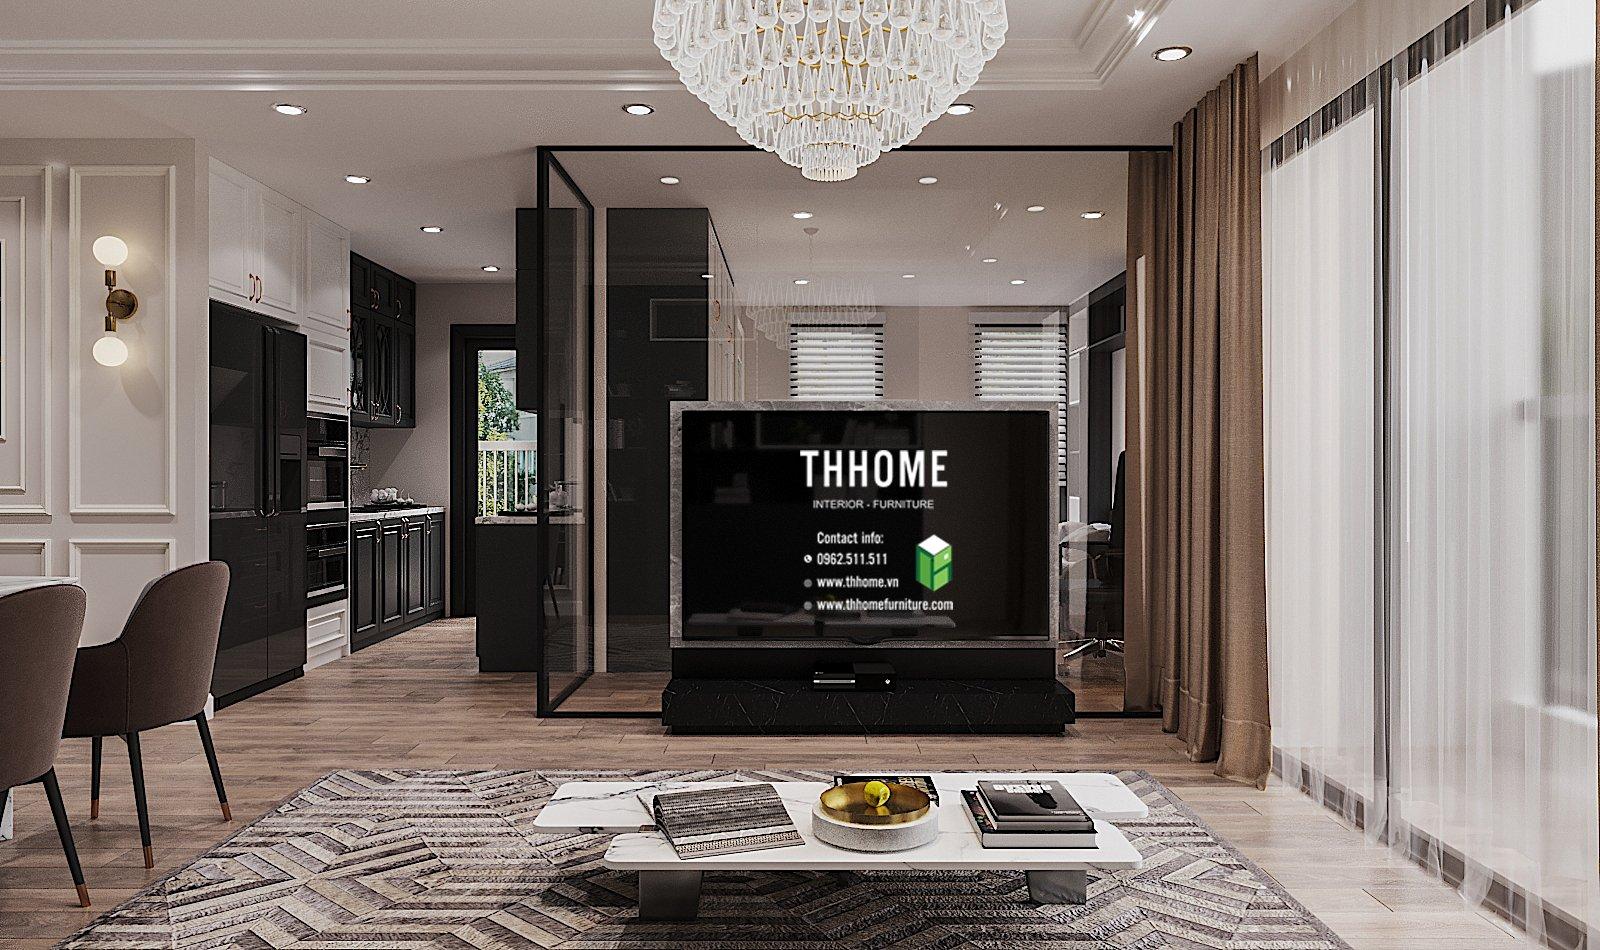 Kệ màu đen huyền bí kết hợp với hệ thống đèn thiết kế đẹp mắt khiến căn phòng trở nên nghệ thuật